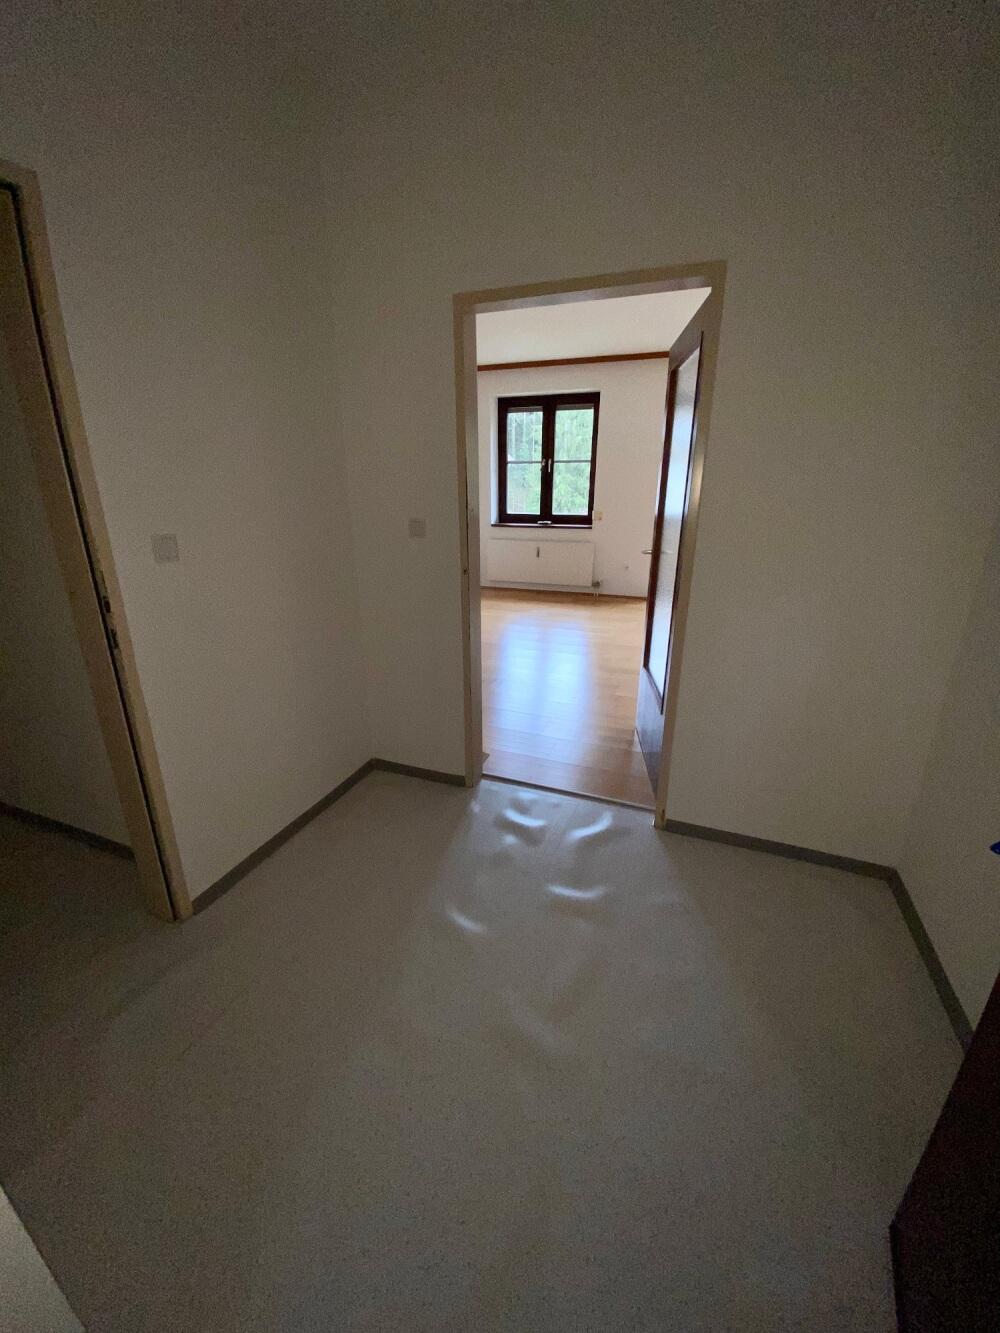 Immobilie von BWSG in Rein 2c/015, 8103 Rein #2